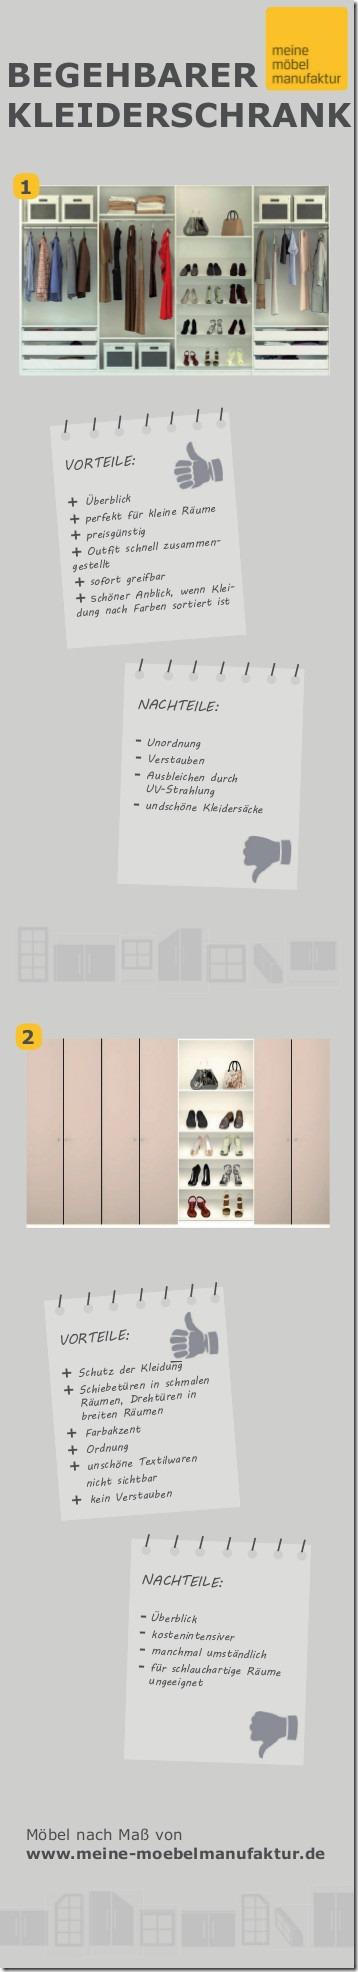 begehbarer-kleiderschrank-mit-oder-ohne-tueren